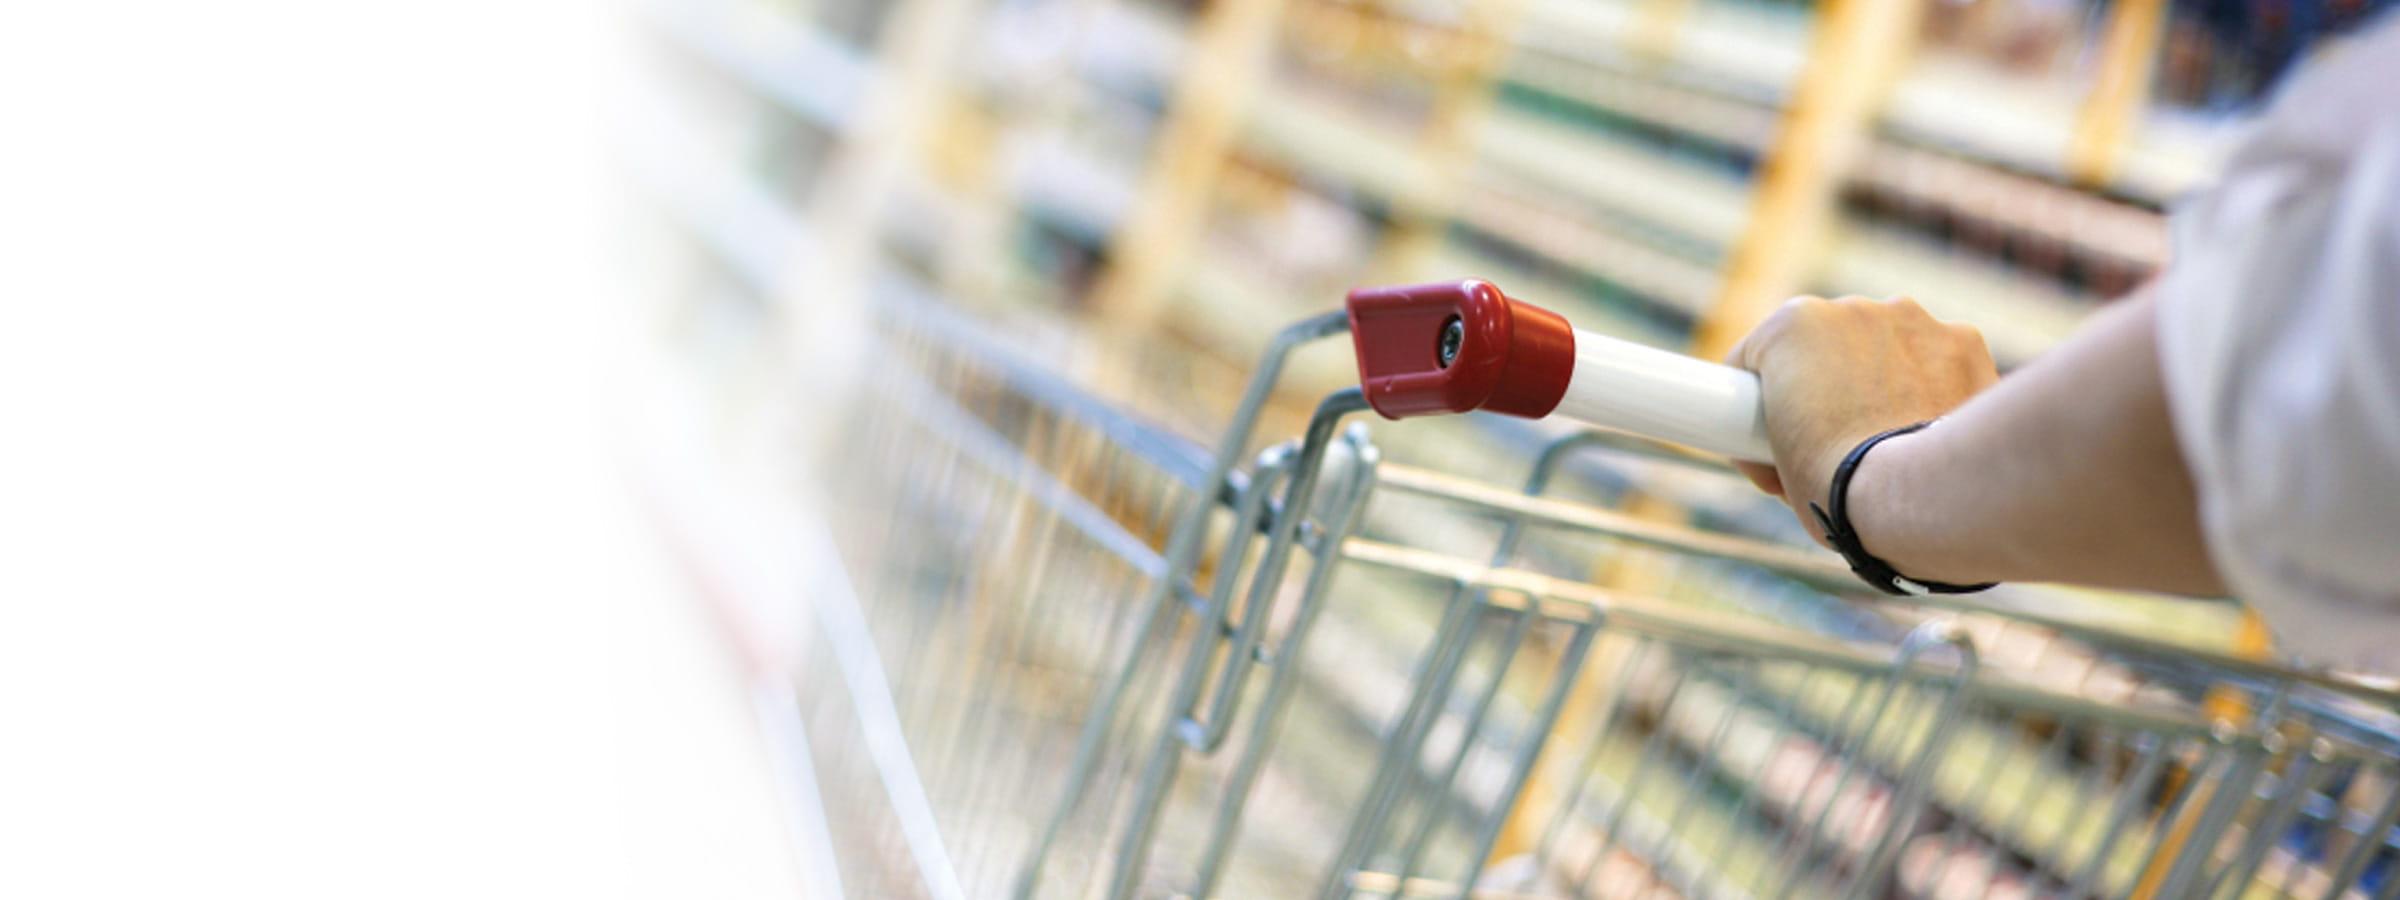 A shopping cart